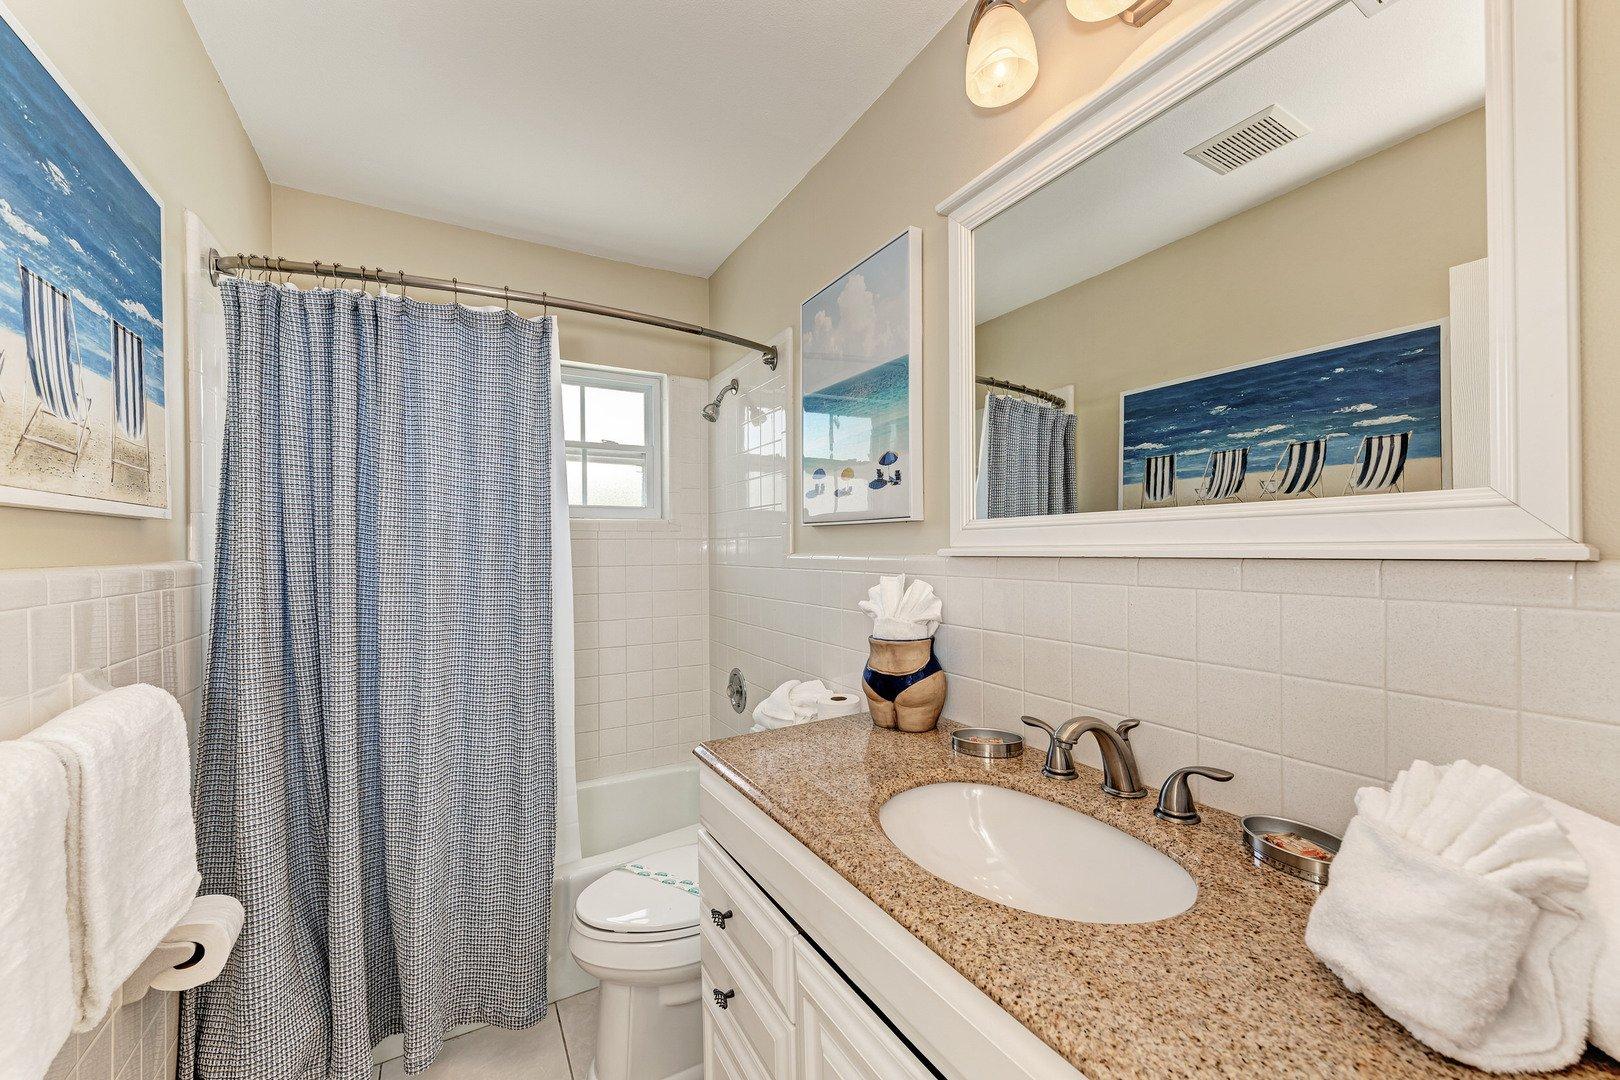 Mermaids & Manatees guest bathroom view from doorway